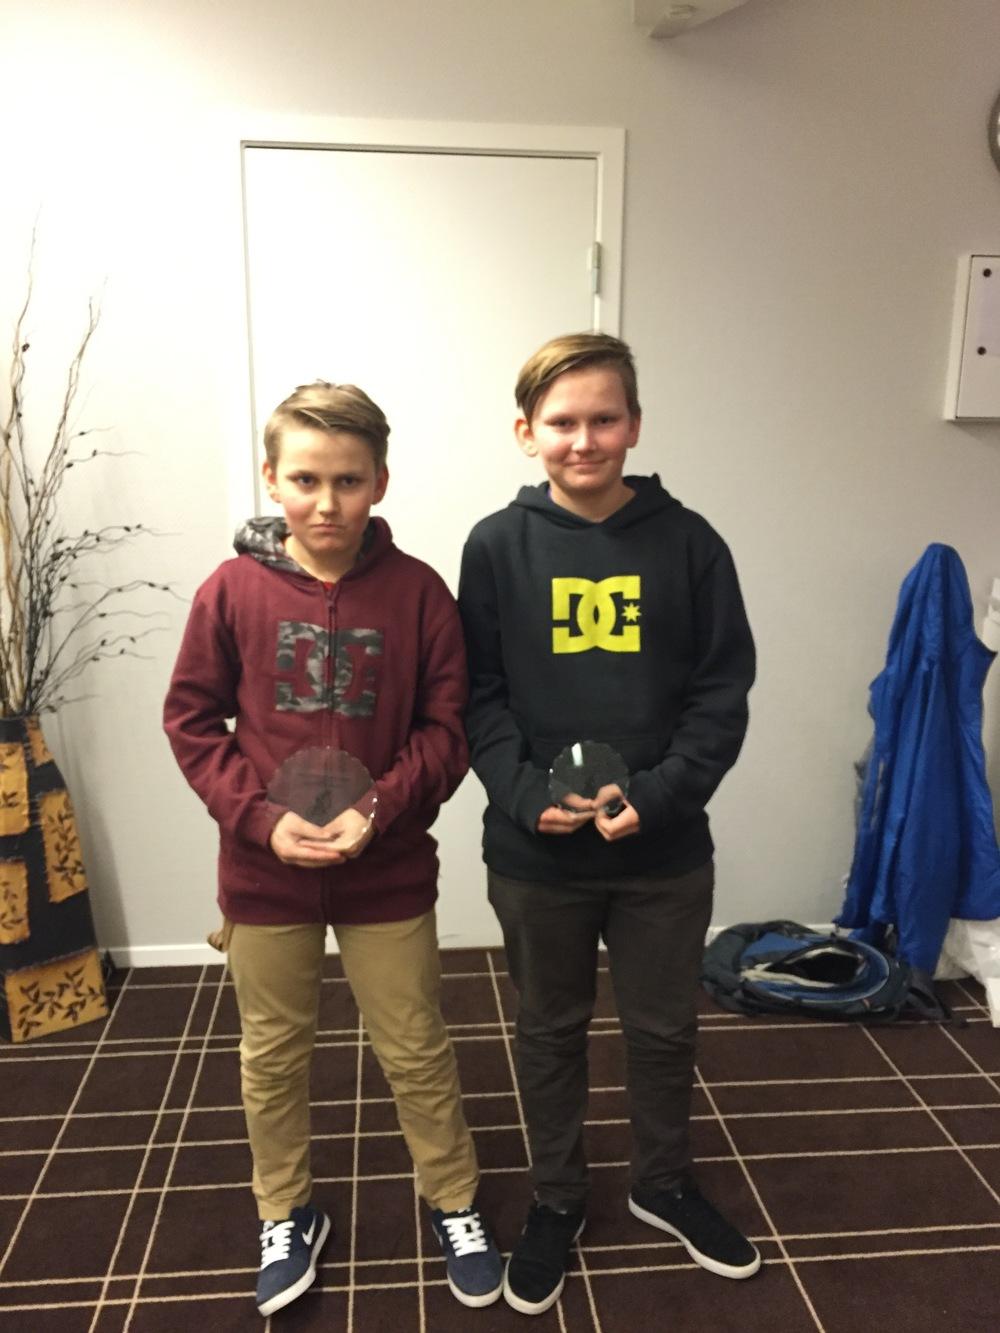 Klubbmesterskap terreng: nr 1 Philip Storbråten, nr 2 Iver Hole (ikke på bildet), og nr 3 Oliver Storbråten